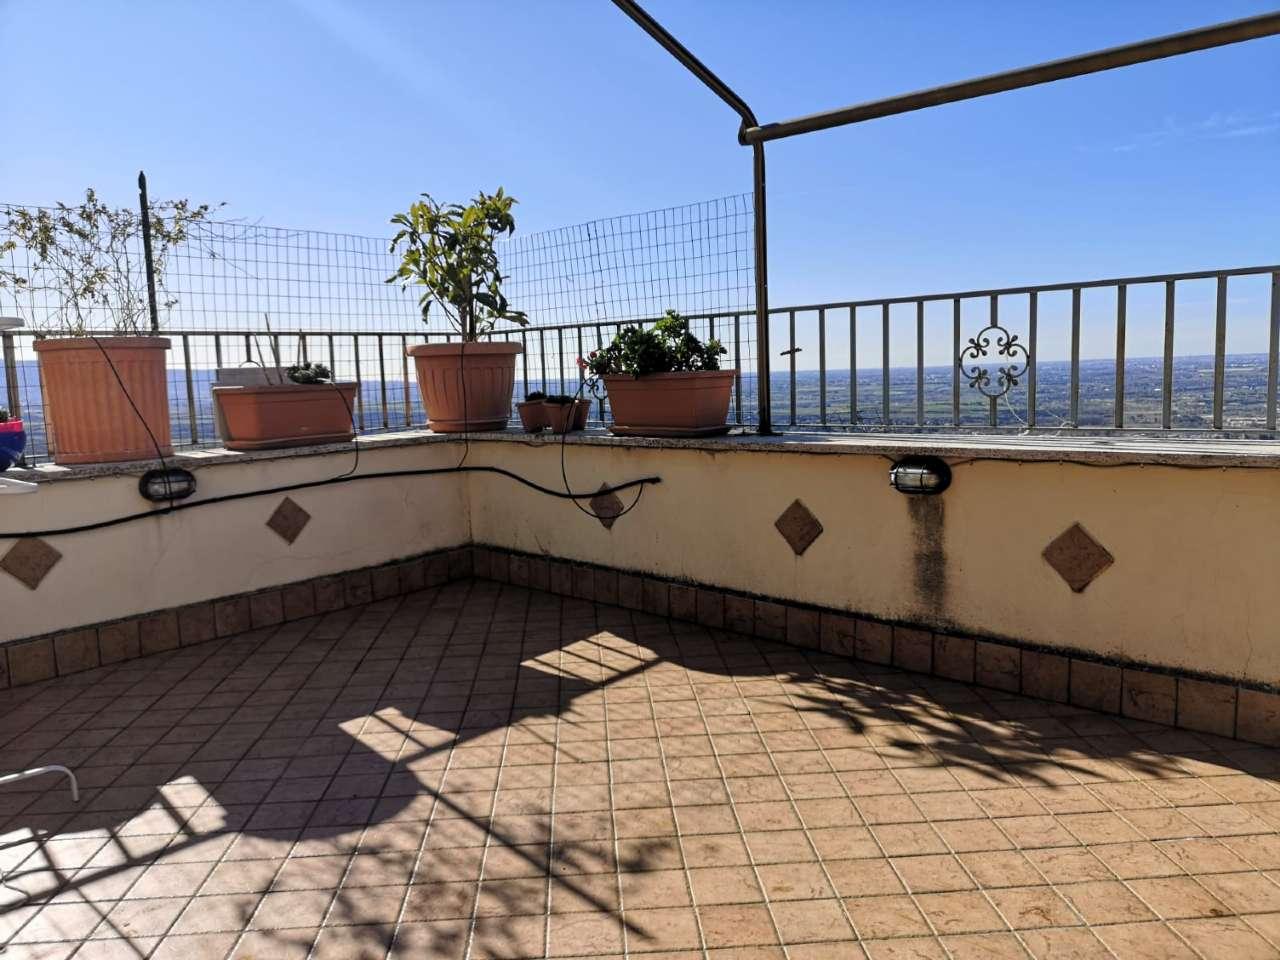 Attico / Mansarda in vendita a Tivoli, 3 locali, prezzo € 185.000   PortaleAgenzieImmobiliari.it